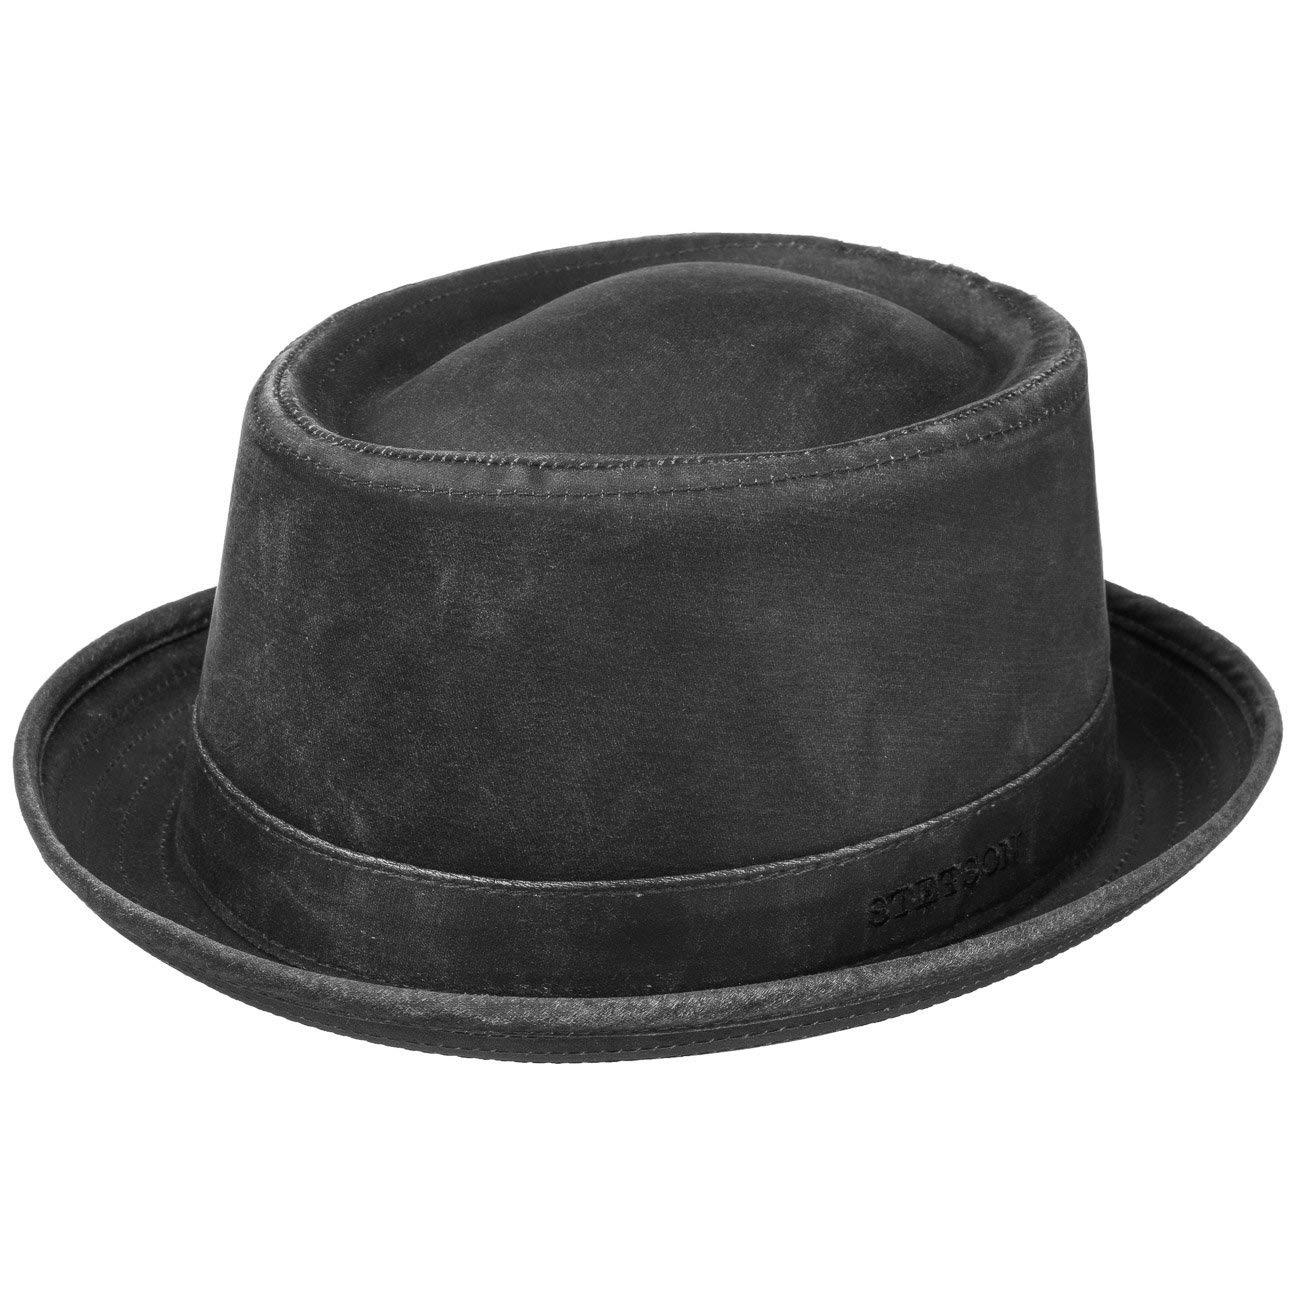 Stetson Sombrero de Tela Odenton Porkpie by pork piesombrero pie 1611101-1 1f60d0f2b36